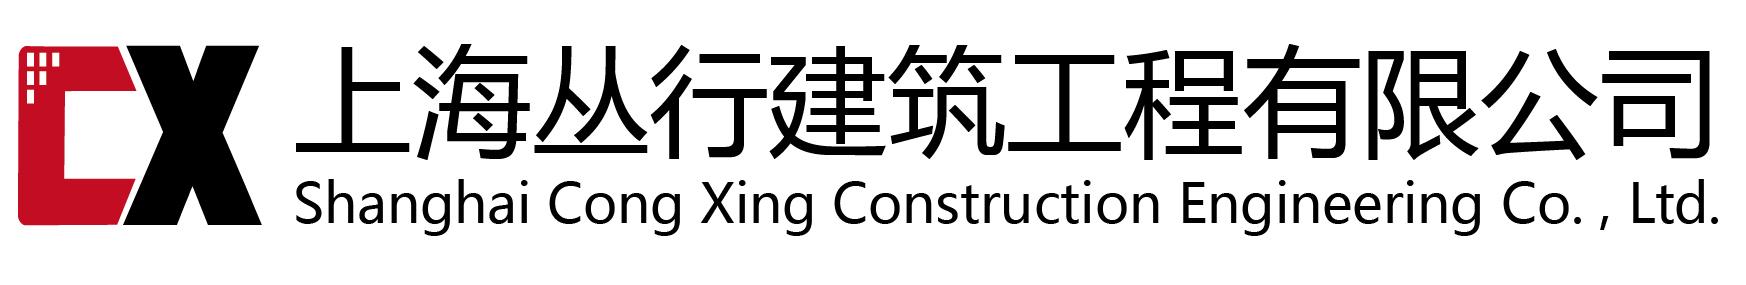 上海丛行建筑工程有限公司